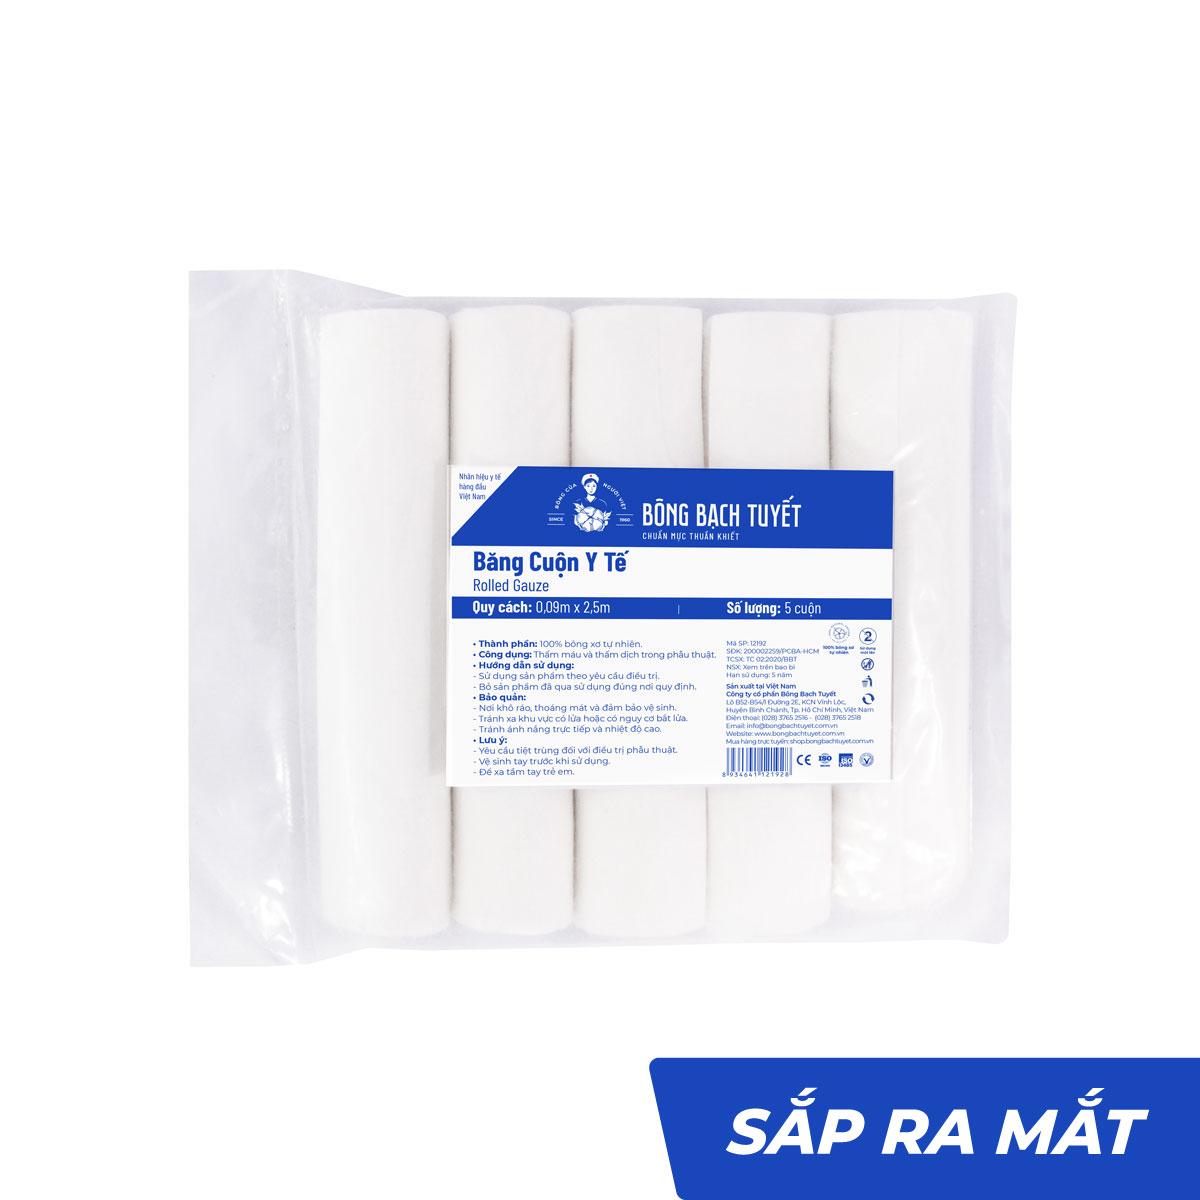 Băng cuộn y tế băng bó vết thương không tiệt trùng - Bông Bạch Tuyết